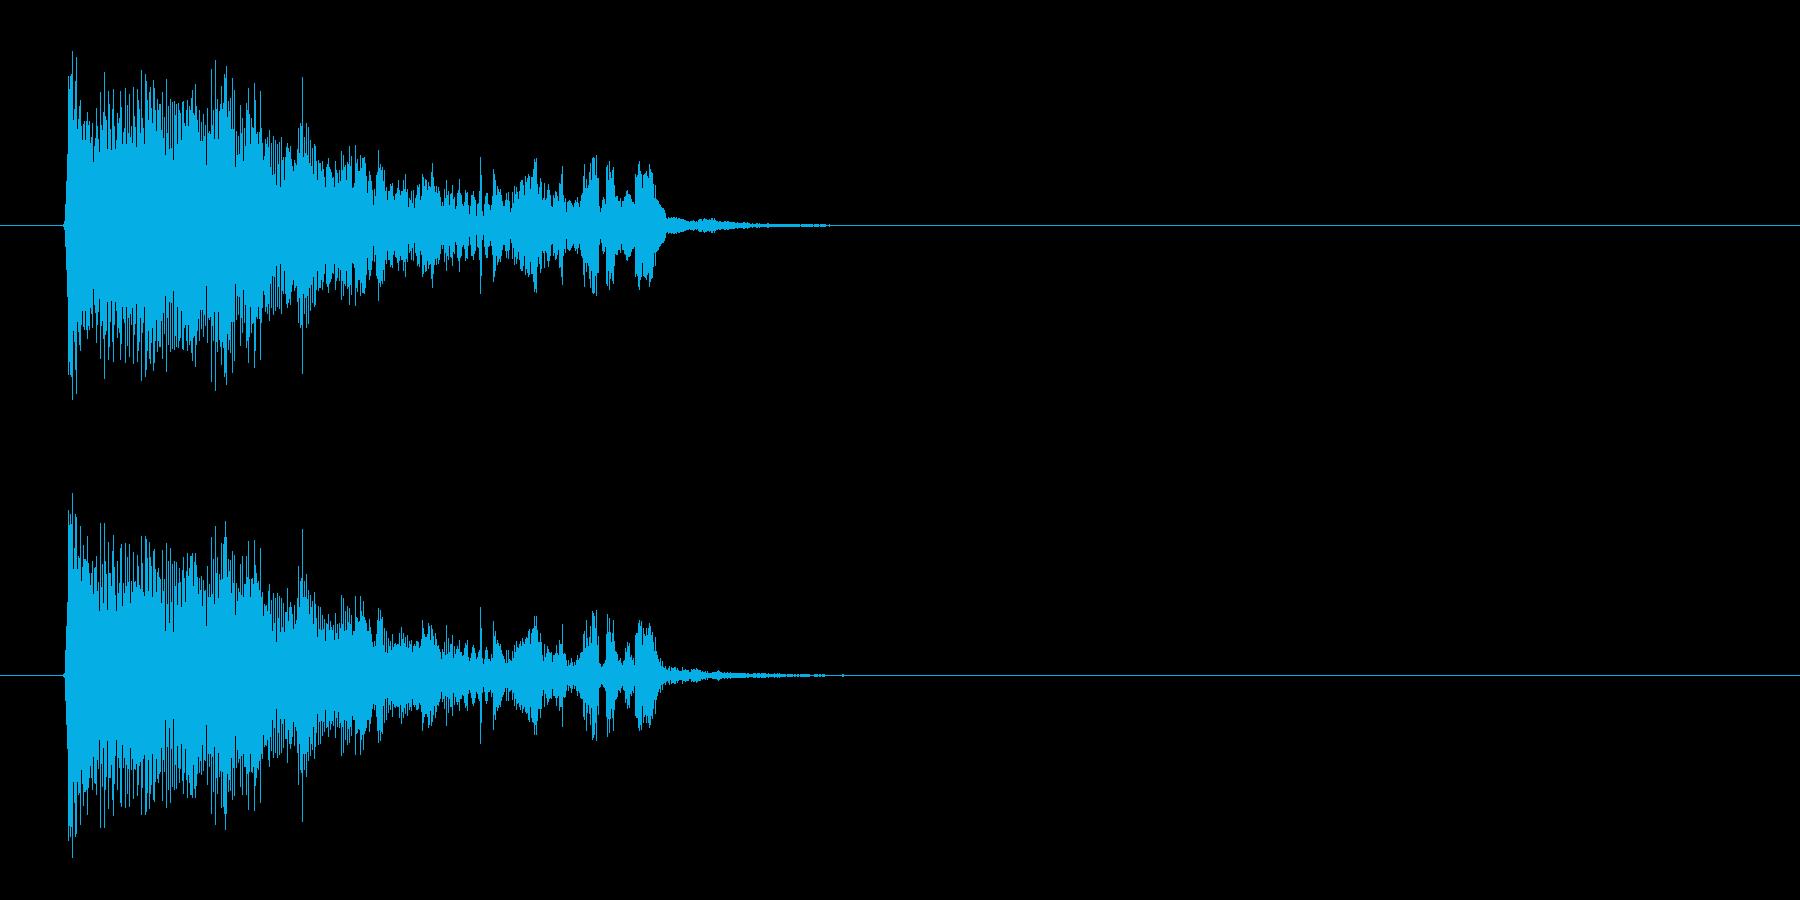 何かが厳かに始まるようなシンセ曲の再生済みの波形